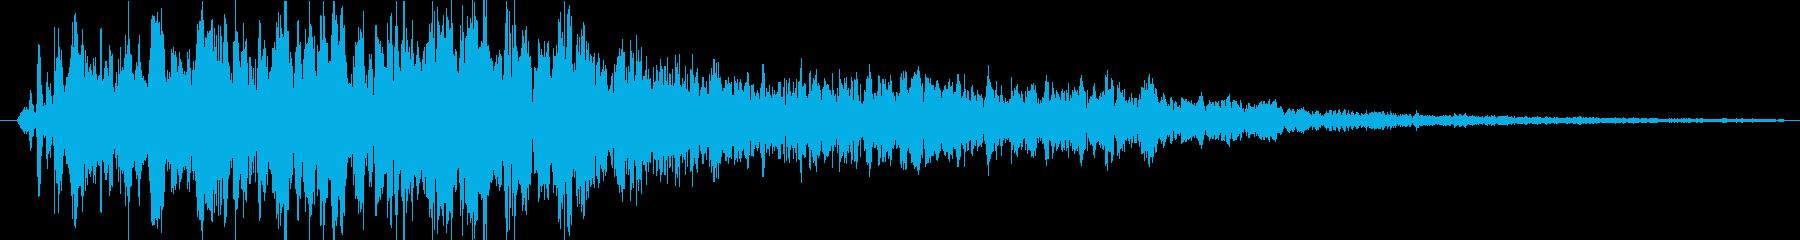 グオーウオー。の再生済みの波形